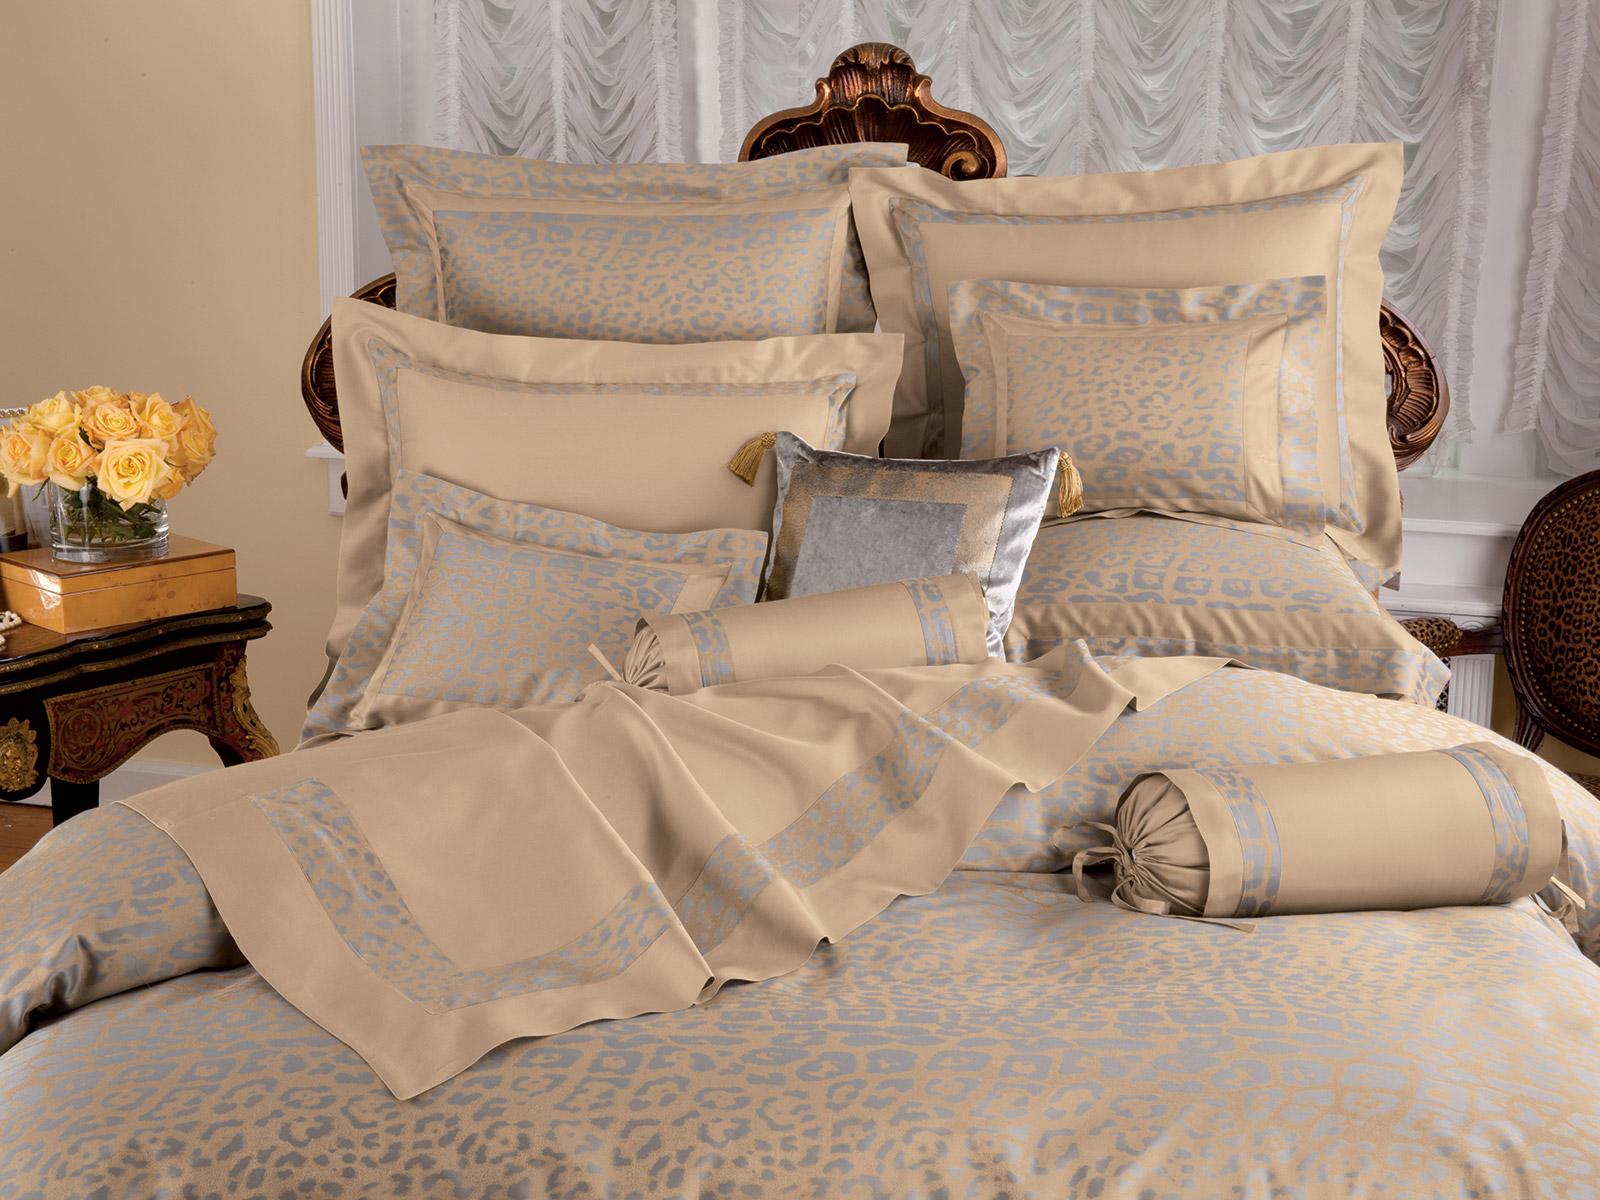 Cheetah Luxury Bedding Italian Bed Linens Schweitzer